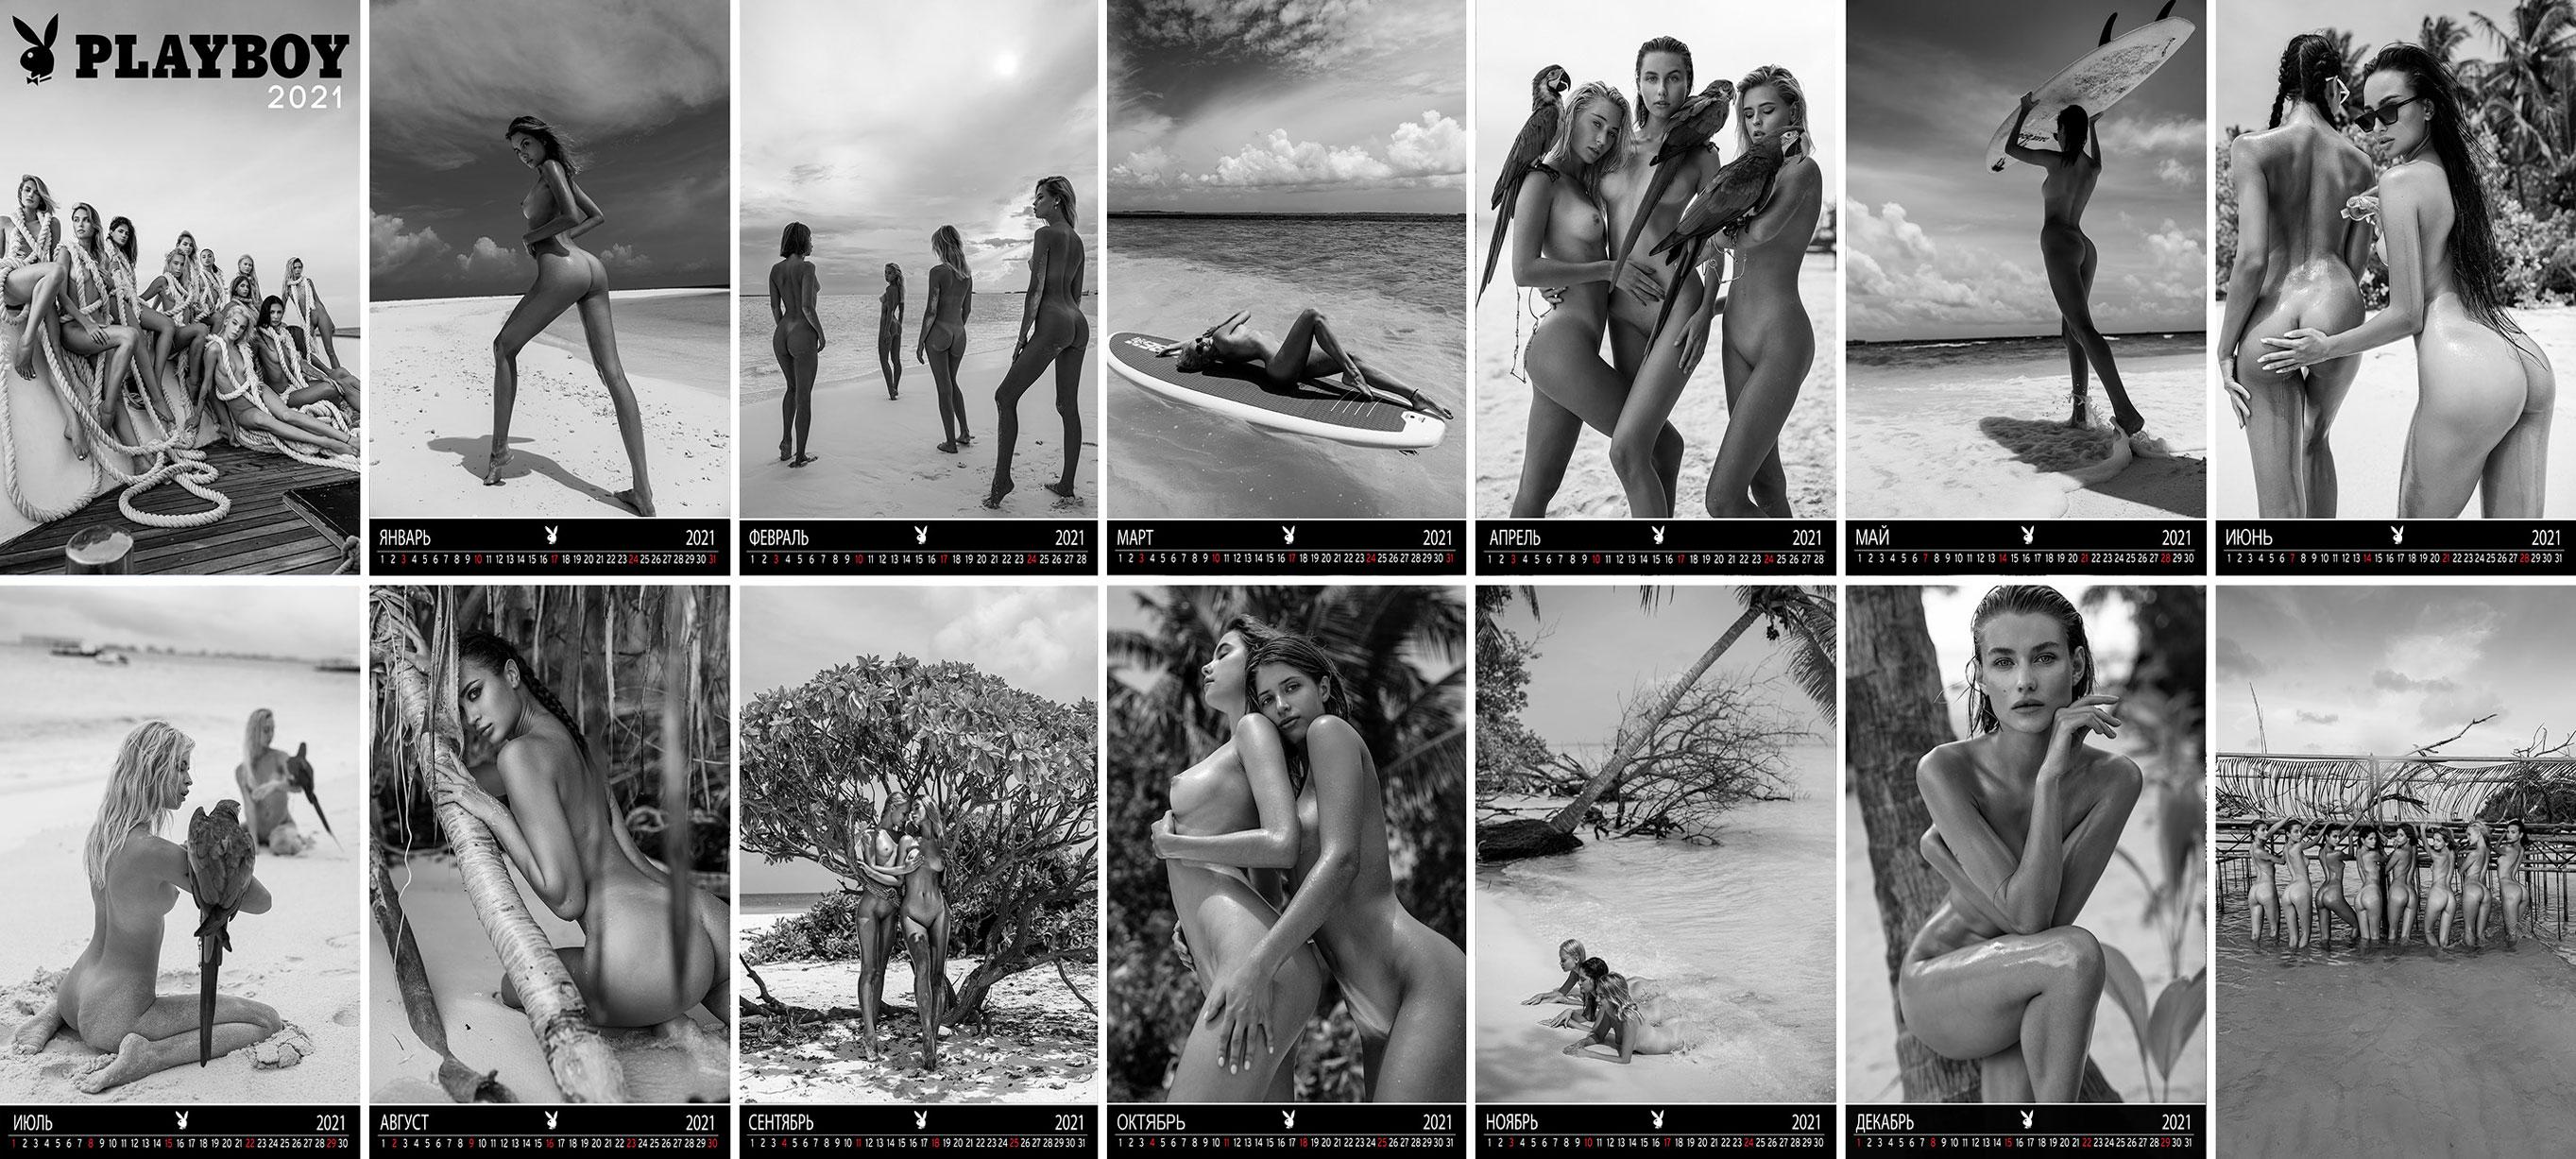 Эротический календарь журнала Playboy Украина на 2021 год / весь календарь